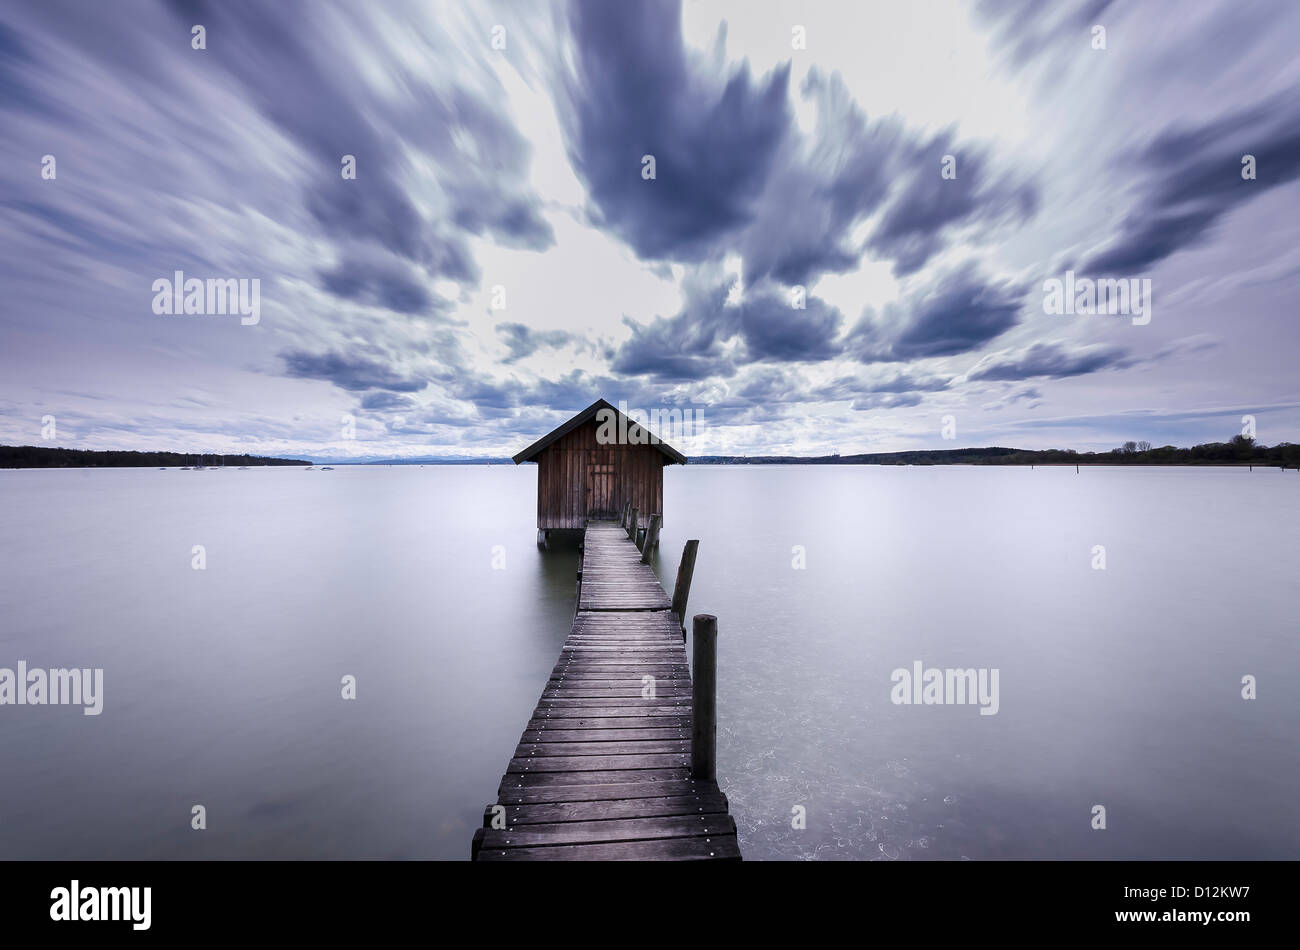 Germany, Bavaria, vue d'un hangar à bateaux avec une jetée à Lac Ammersee Photo Stock